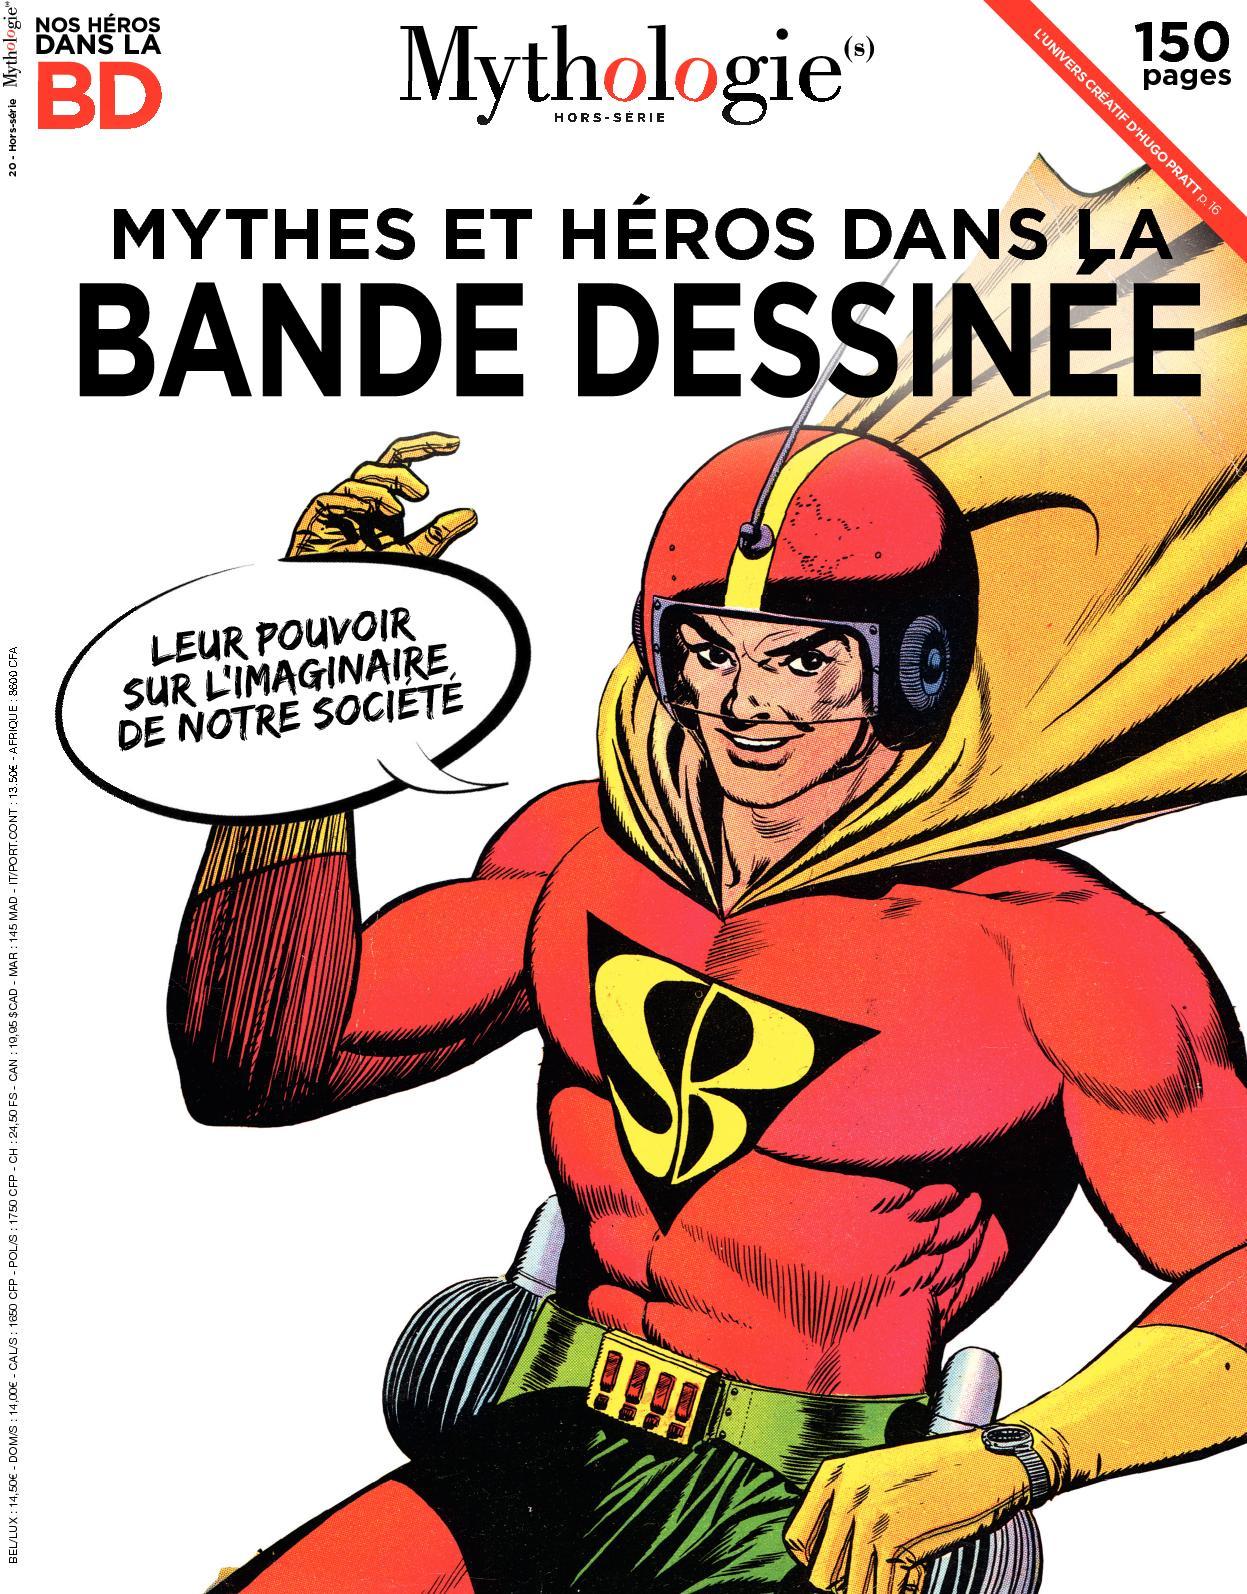 Mythologies - Mythes & Héros des BD